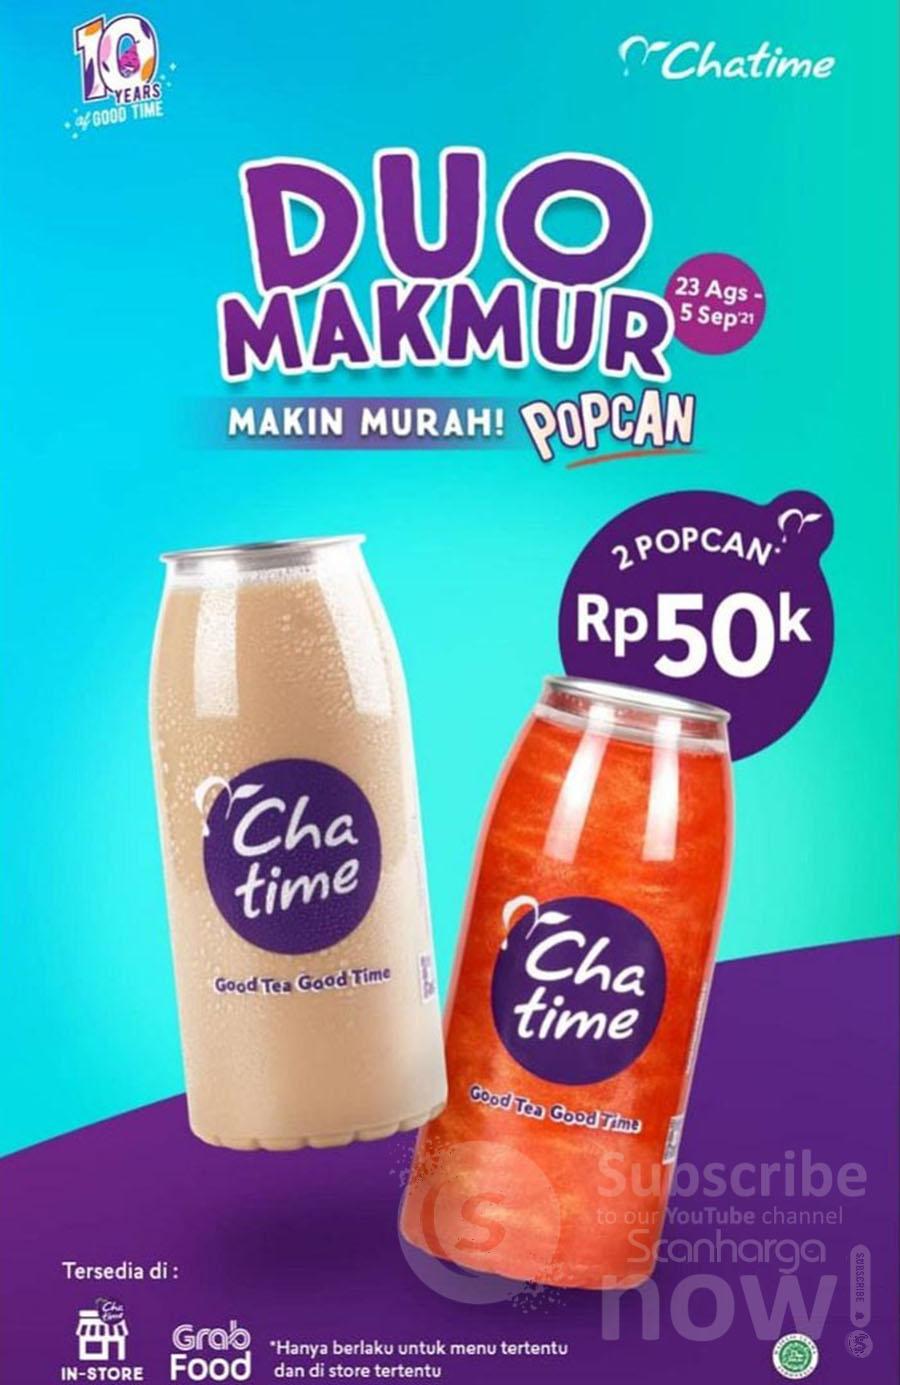 CHATIME DUO MAKMUR Promo 2 Large Cup cuma 50K 2